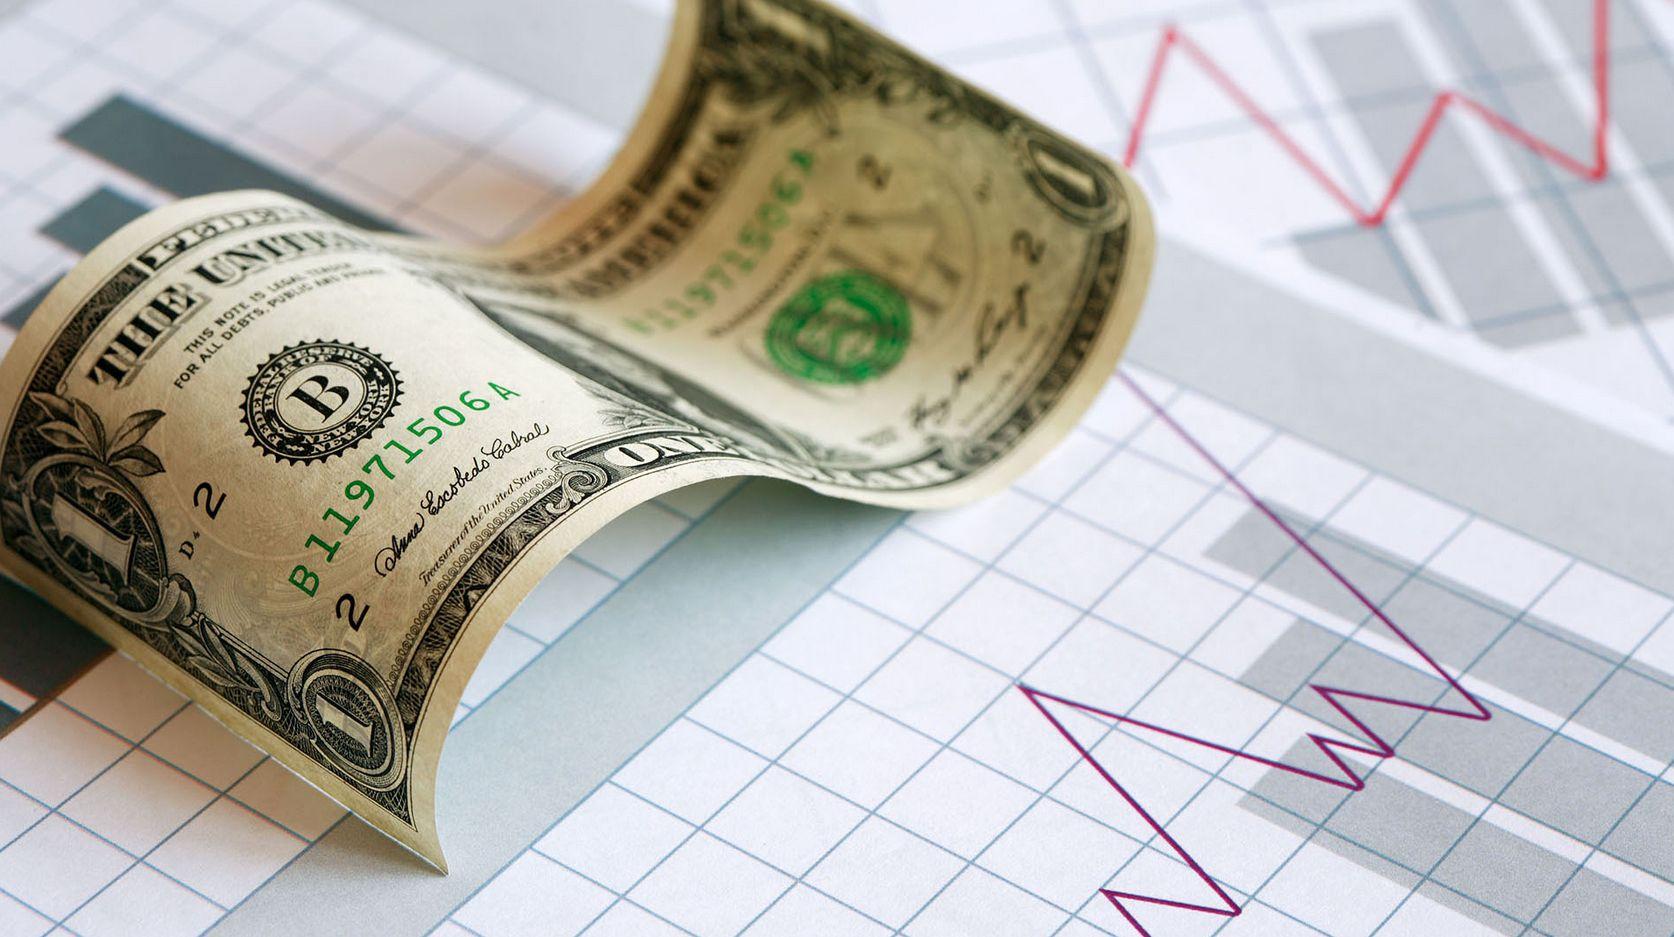 Акции, валюты ориентировочно по мере смещения внимания к выборам в США, стимулы